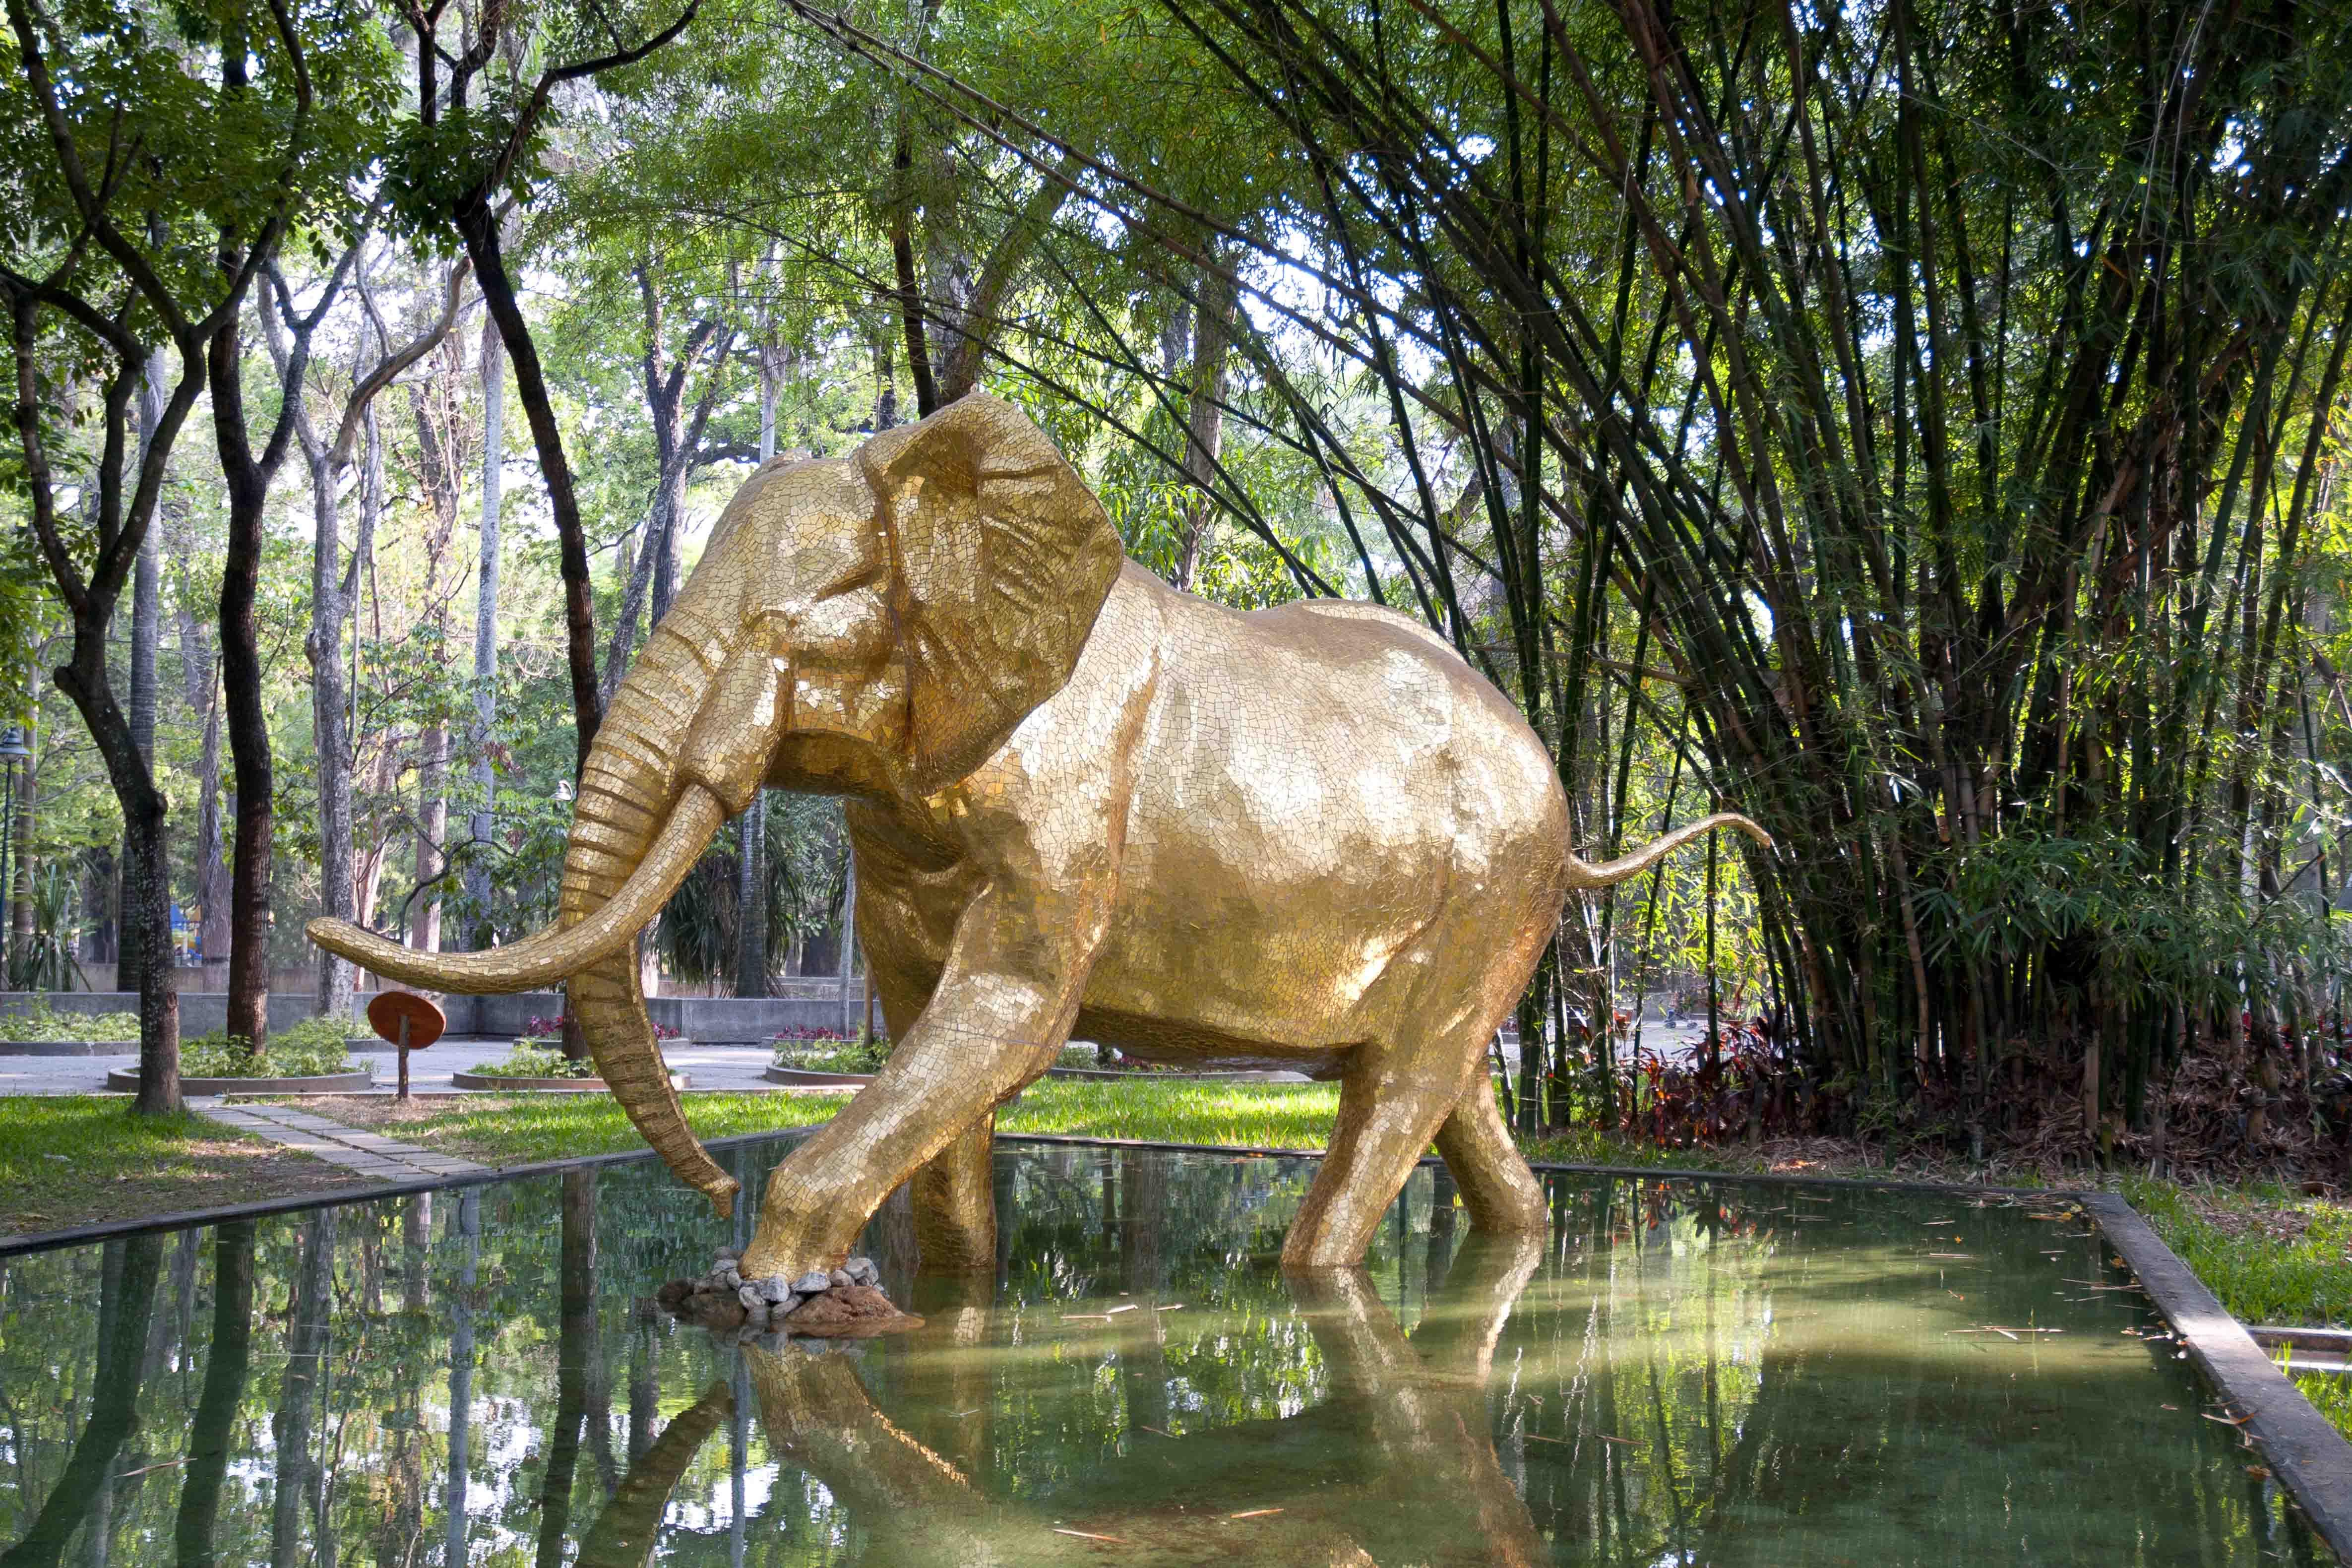 Nueve monumentos públicos bajo la lente de Daniel Benaim protagonizan exposición en GBG Arts